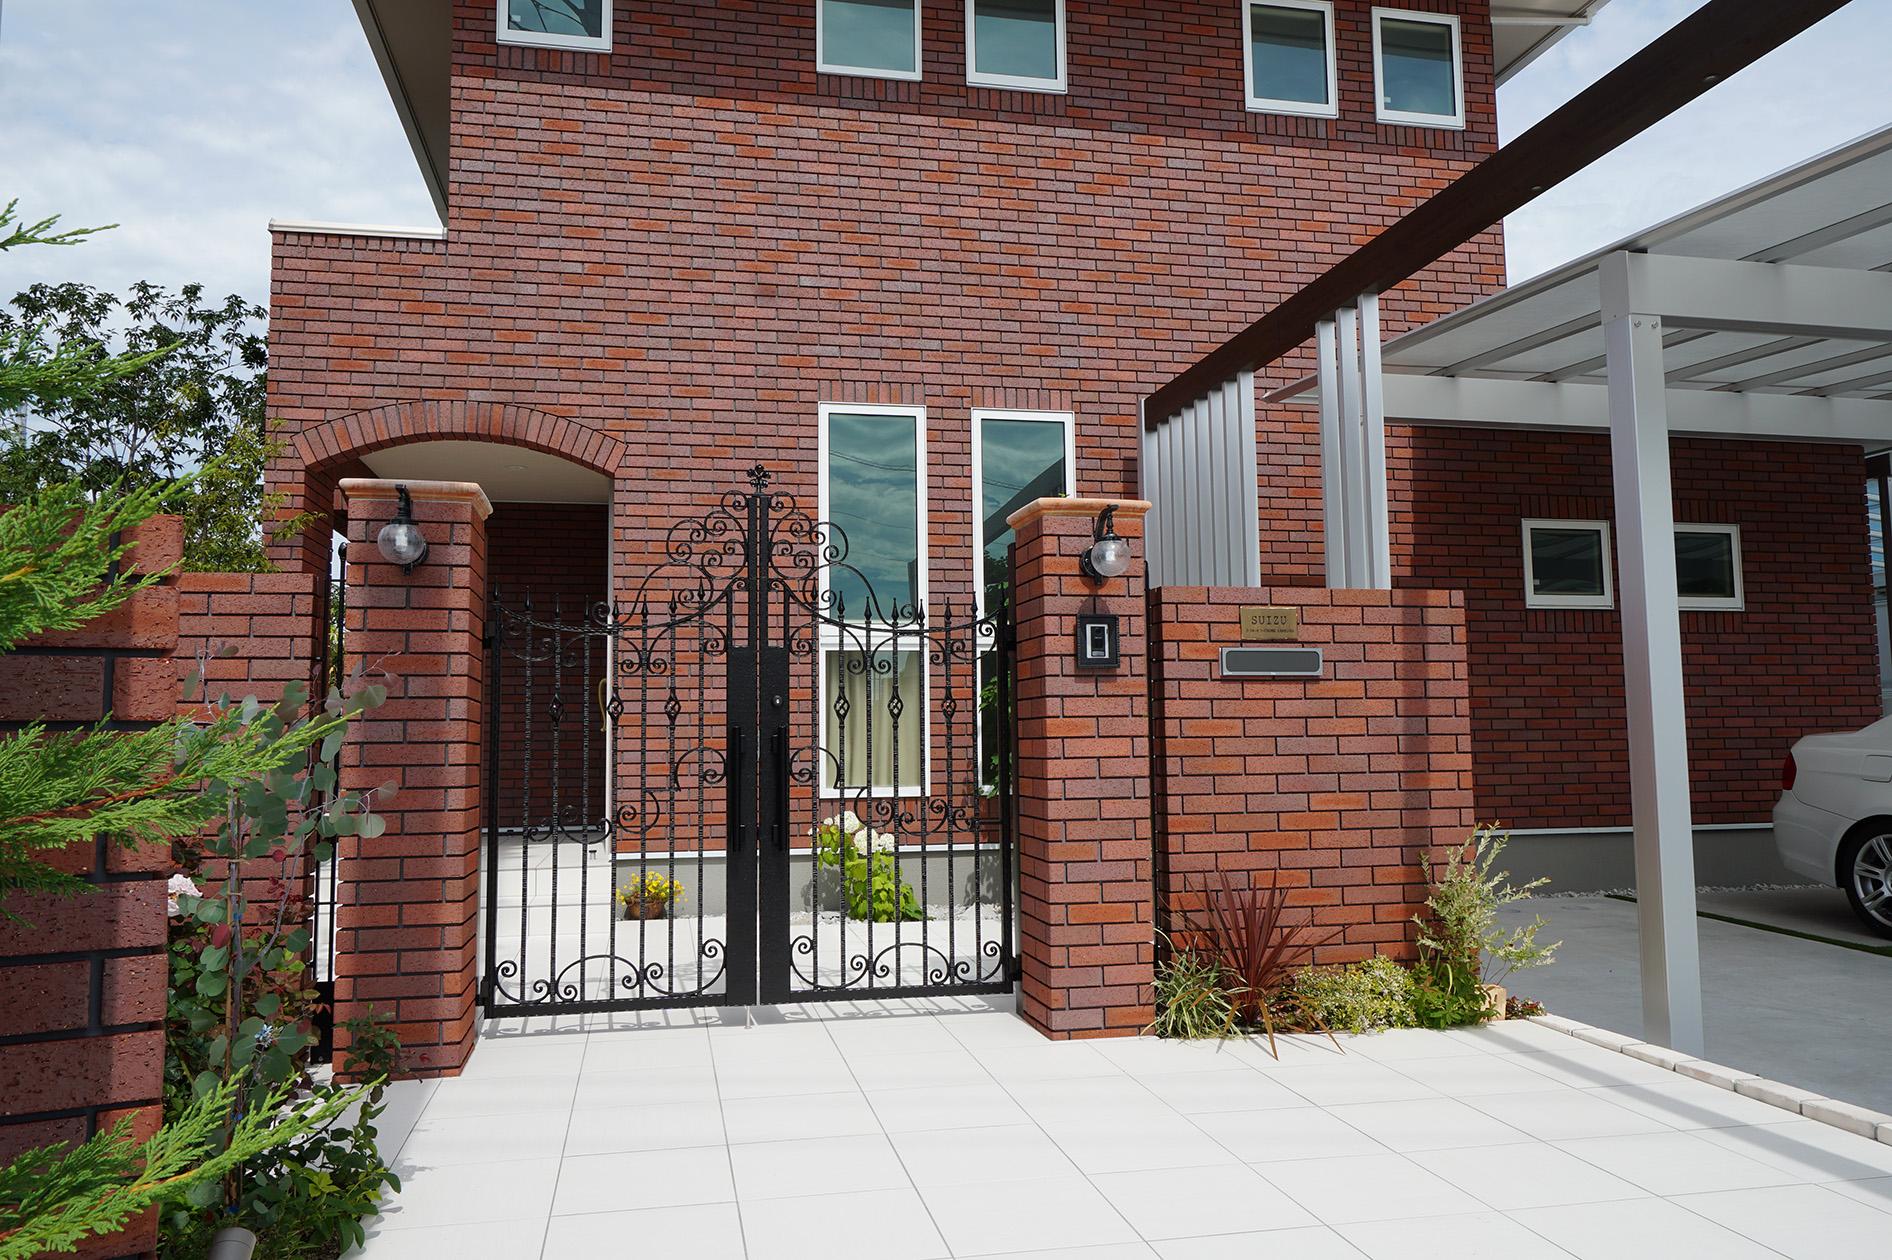 総タイル張りの新築住宅のエクステリア。アルミ鋳物の高級門扉が一段とお似合いです。<br /> 門袖も同じ外壁タイルで仕上げました。シャローネ門扉が素敵です。